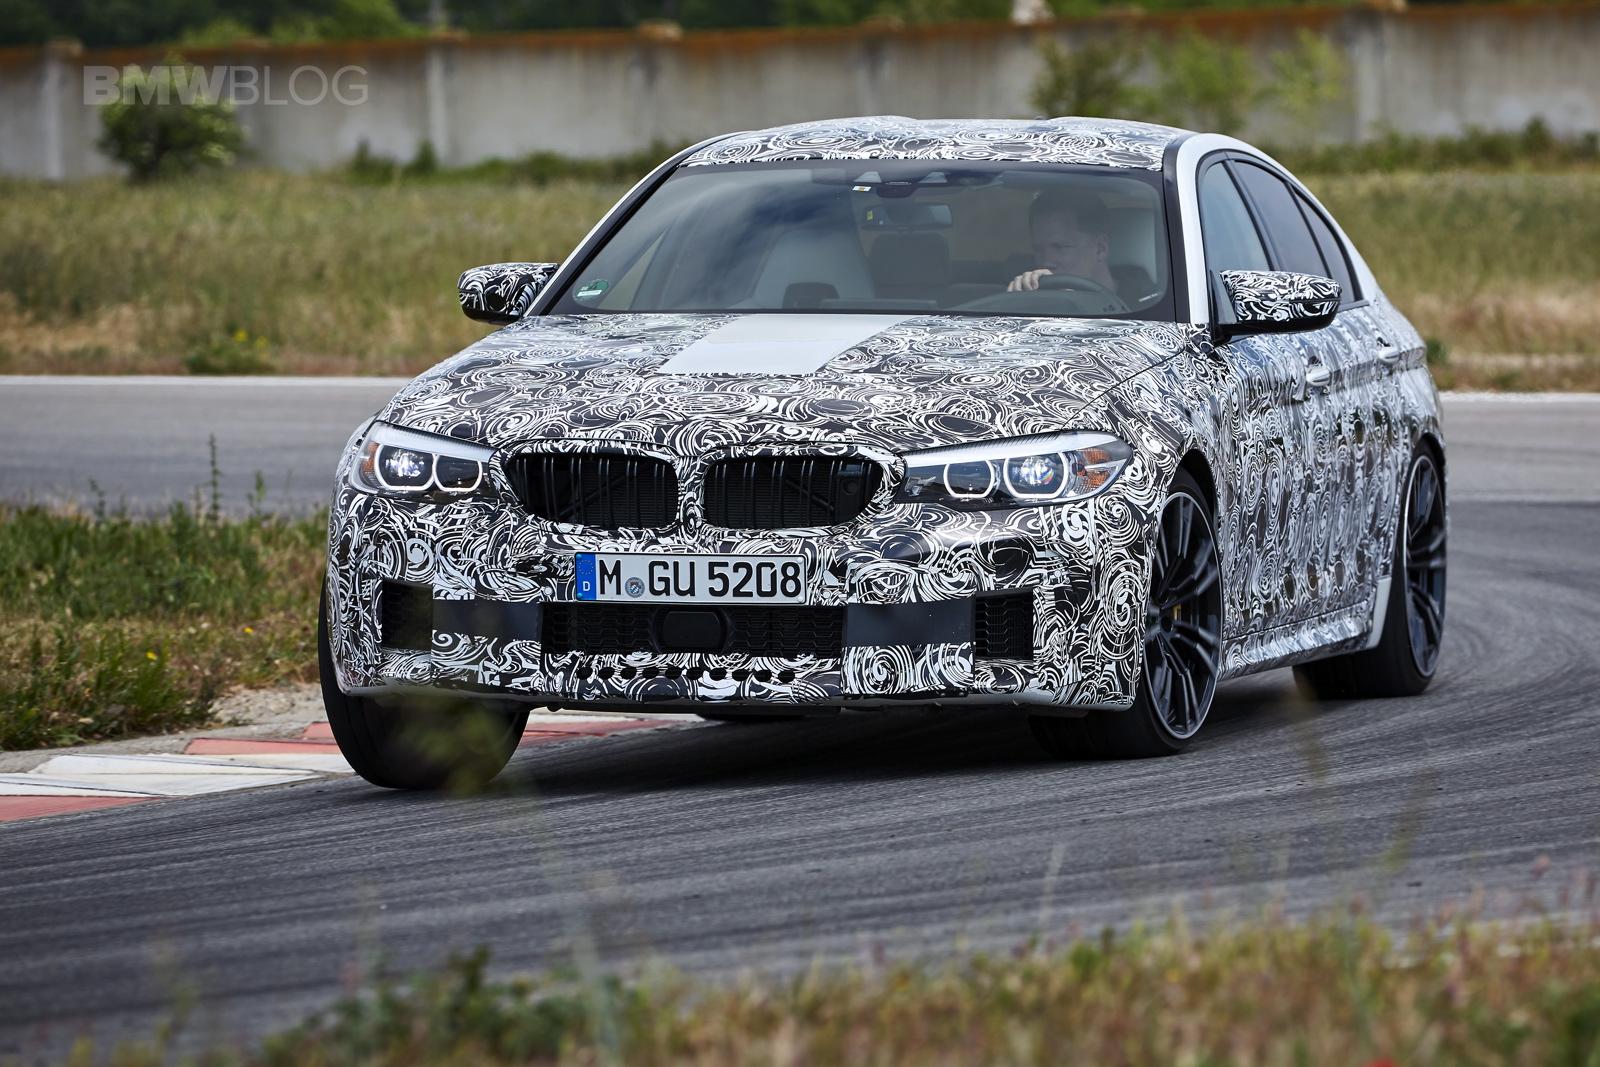 2018 BMW M5 pre production drive 45